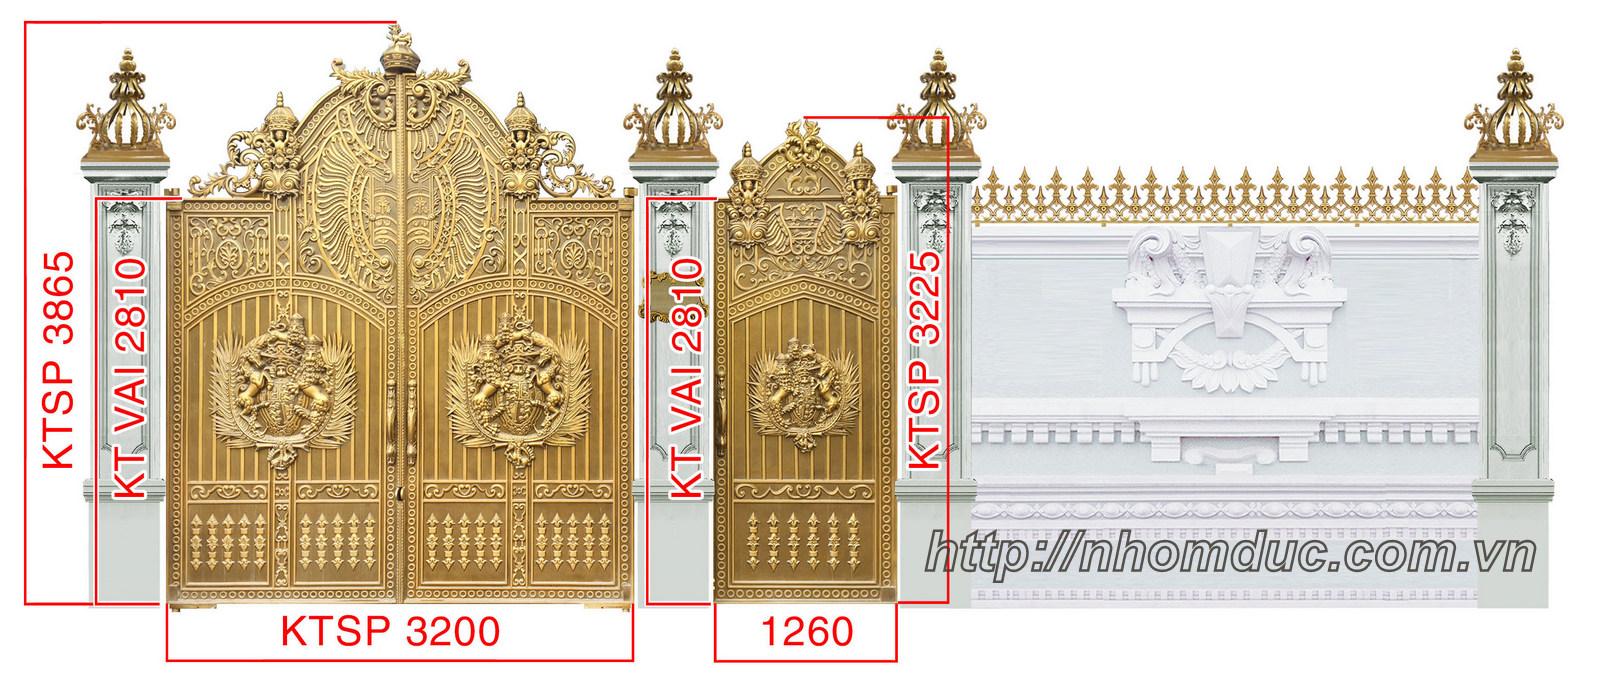 Mẫu cổng nhôm đúc đẹp, cổng nhà hiện đại